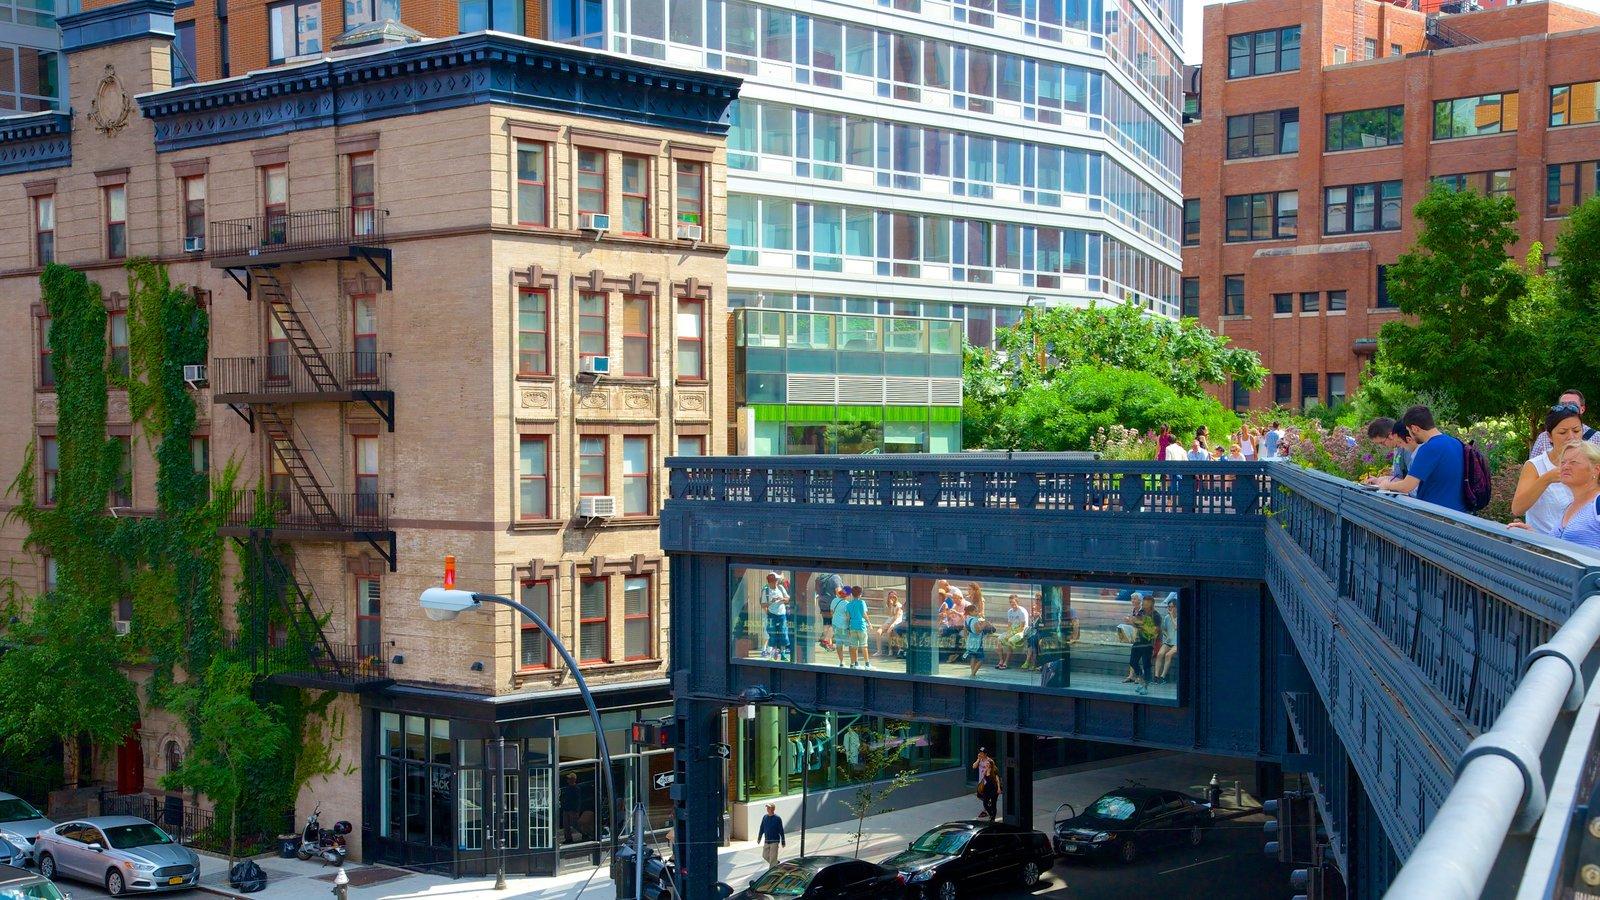 The High Line Park mostrando uma cidade